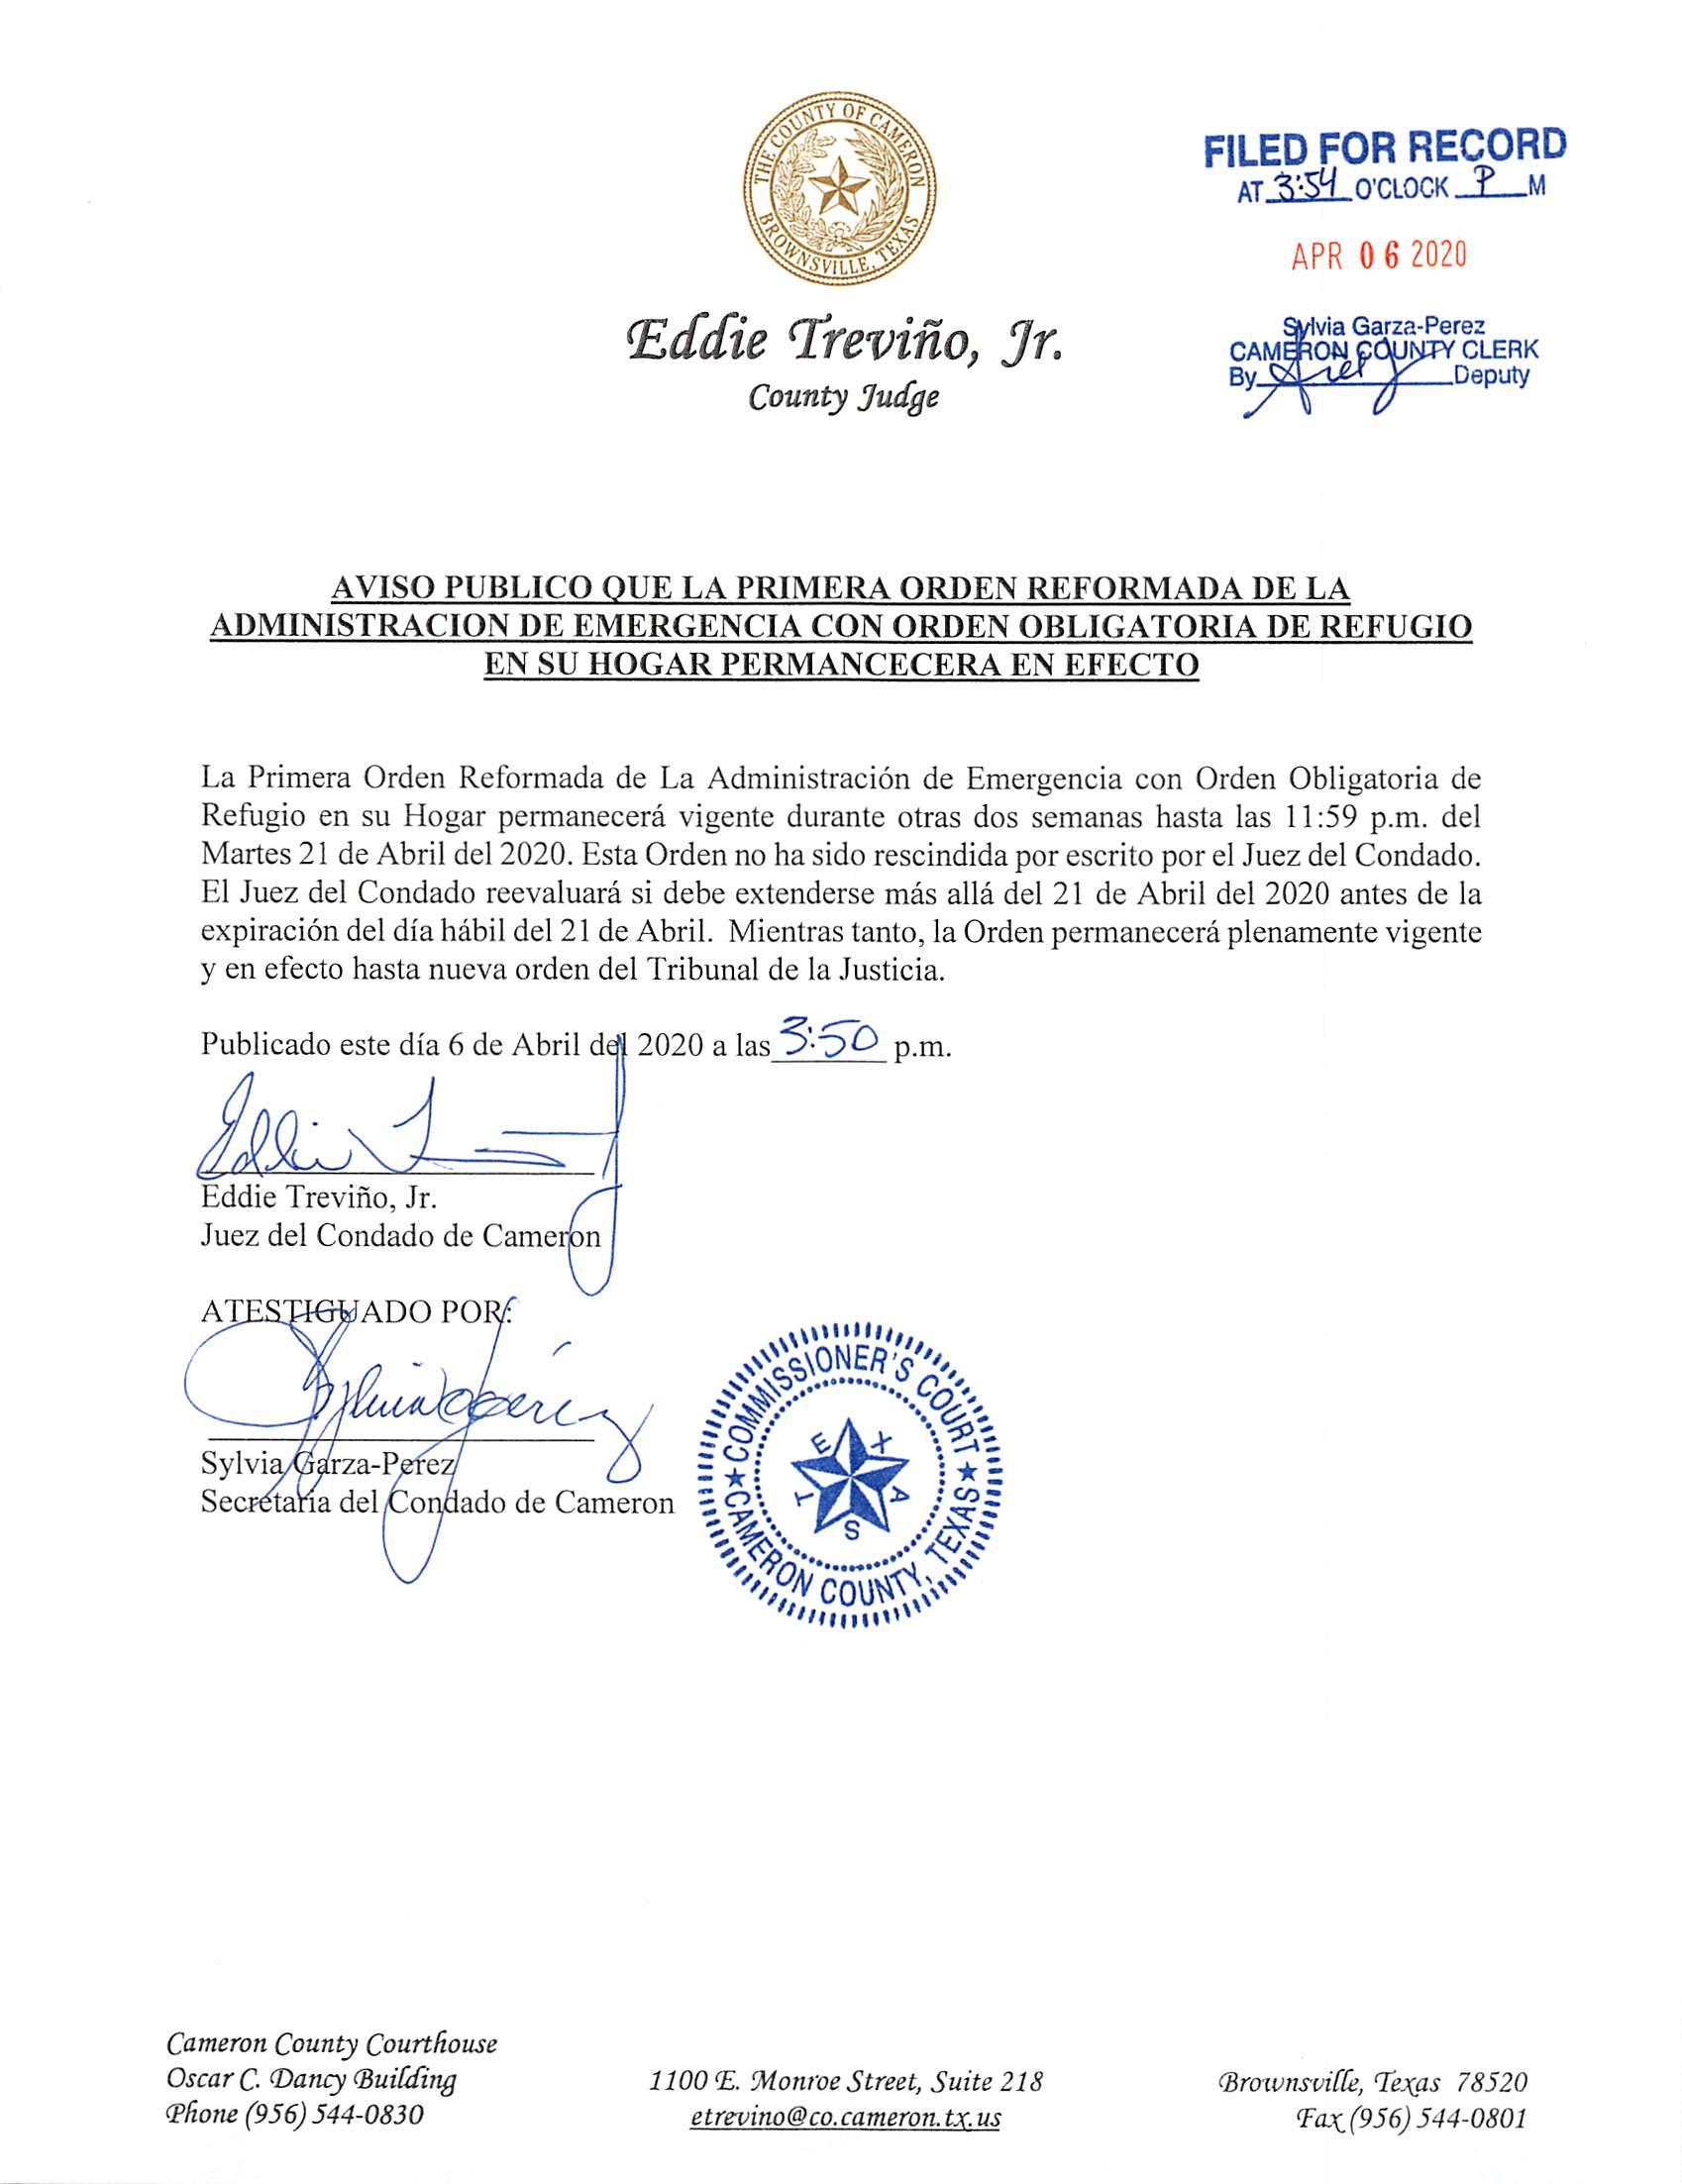 04.06.2020 Aviso Publico Refugio En Su Hogar Extendido